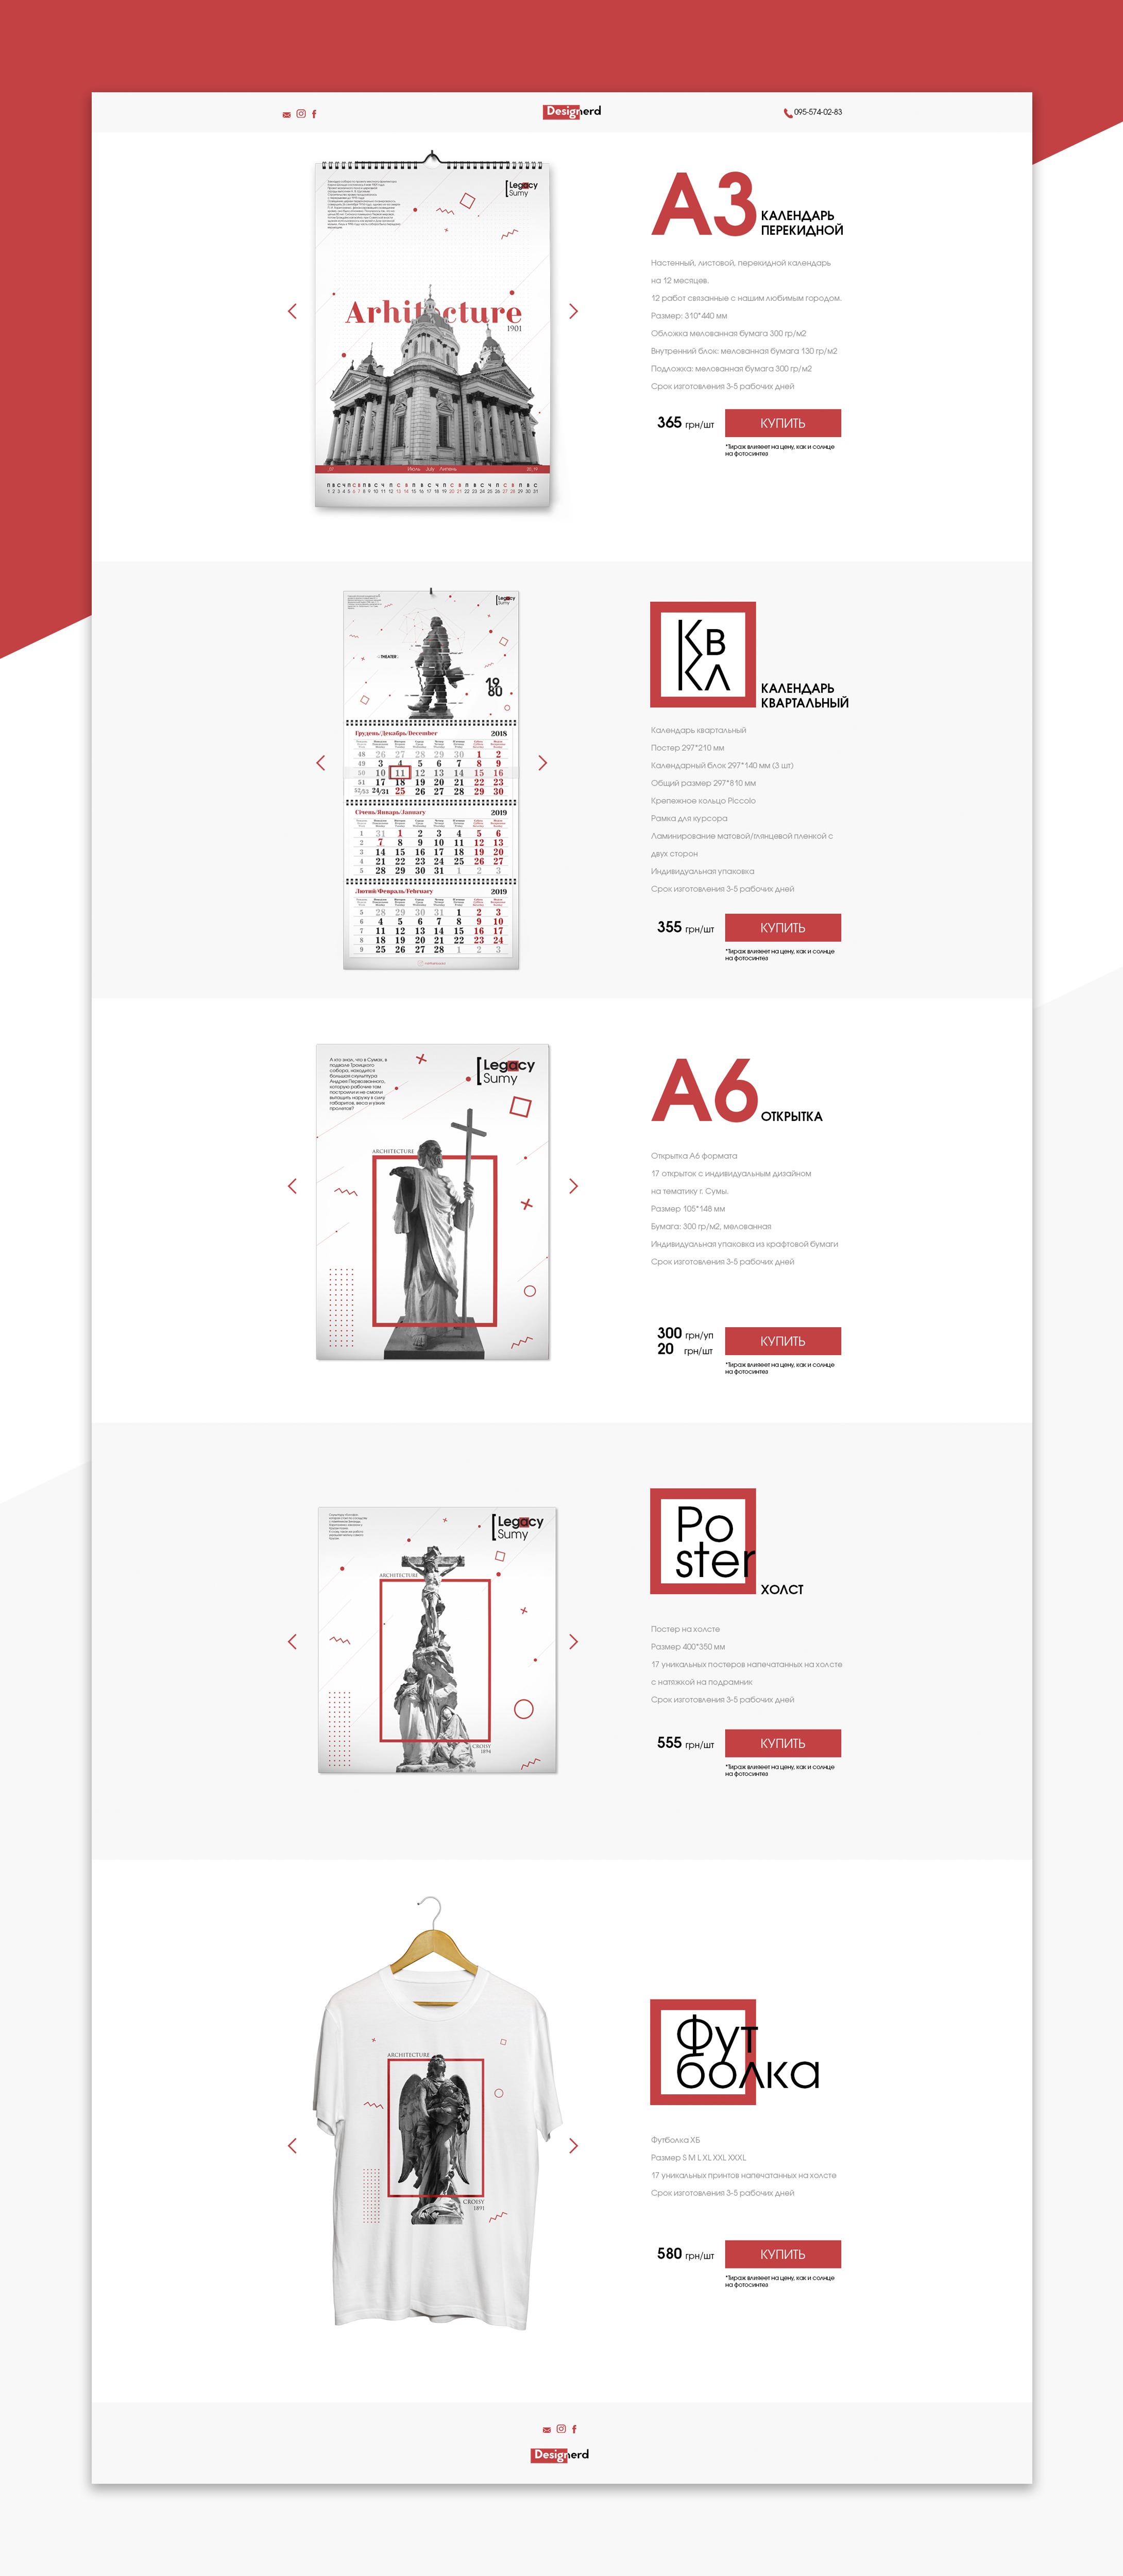 Фото Разработка сайта для продажи дизайнерской продукции